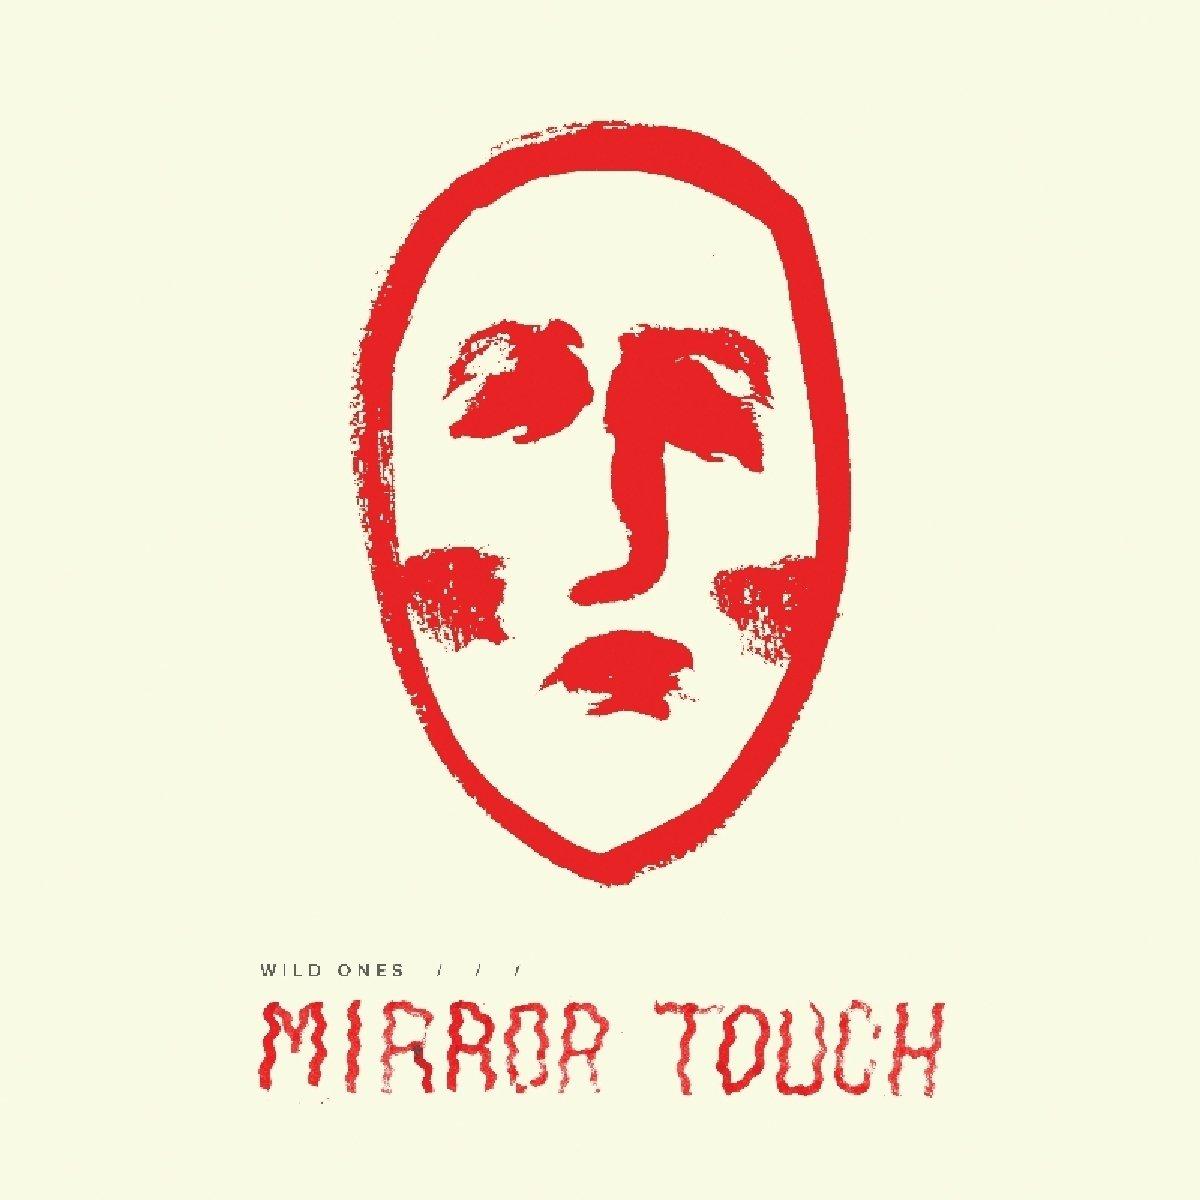 Wild Ones - Mirror Touch (LP Vinyl)